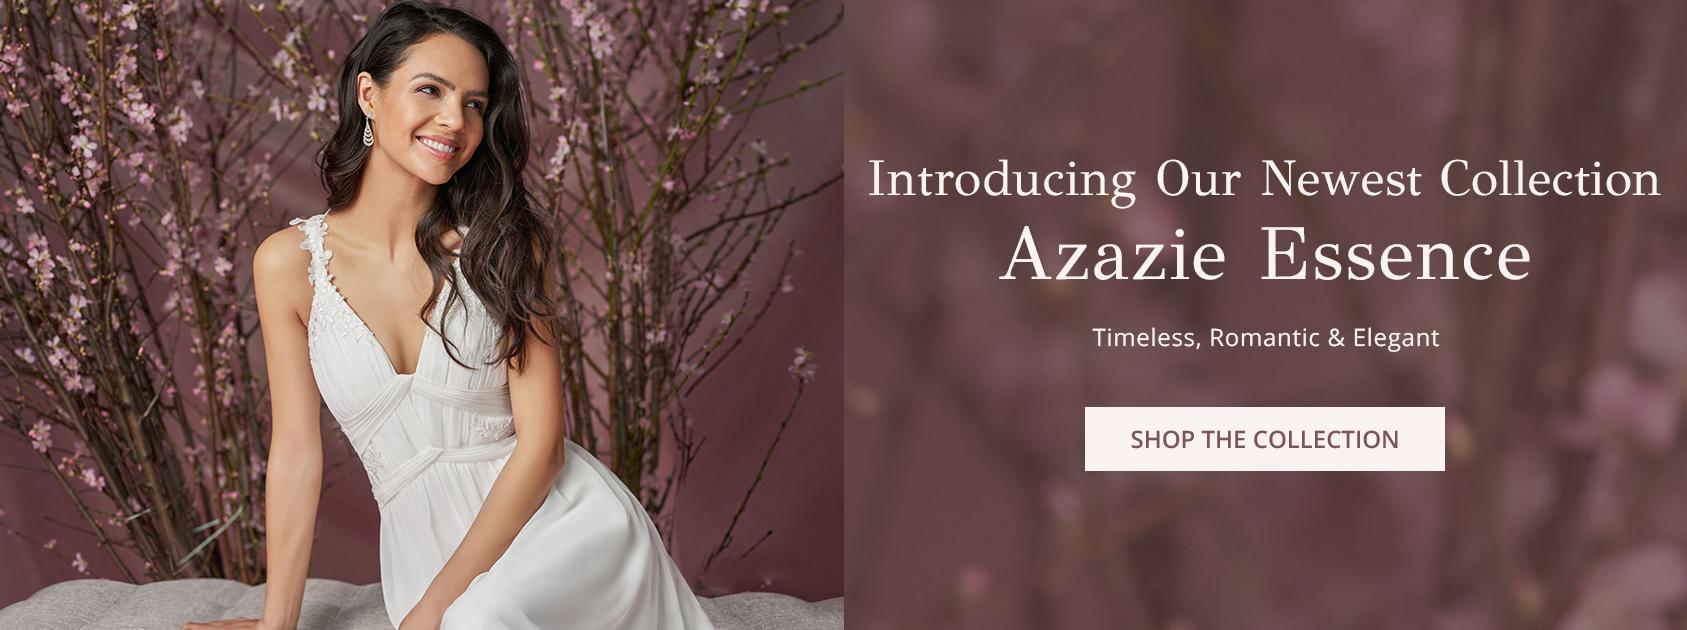 Azazie promo codes - Shop Now